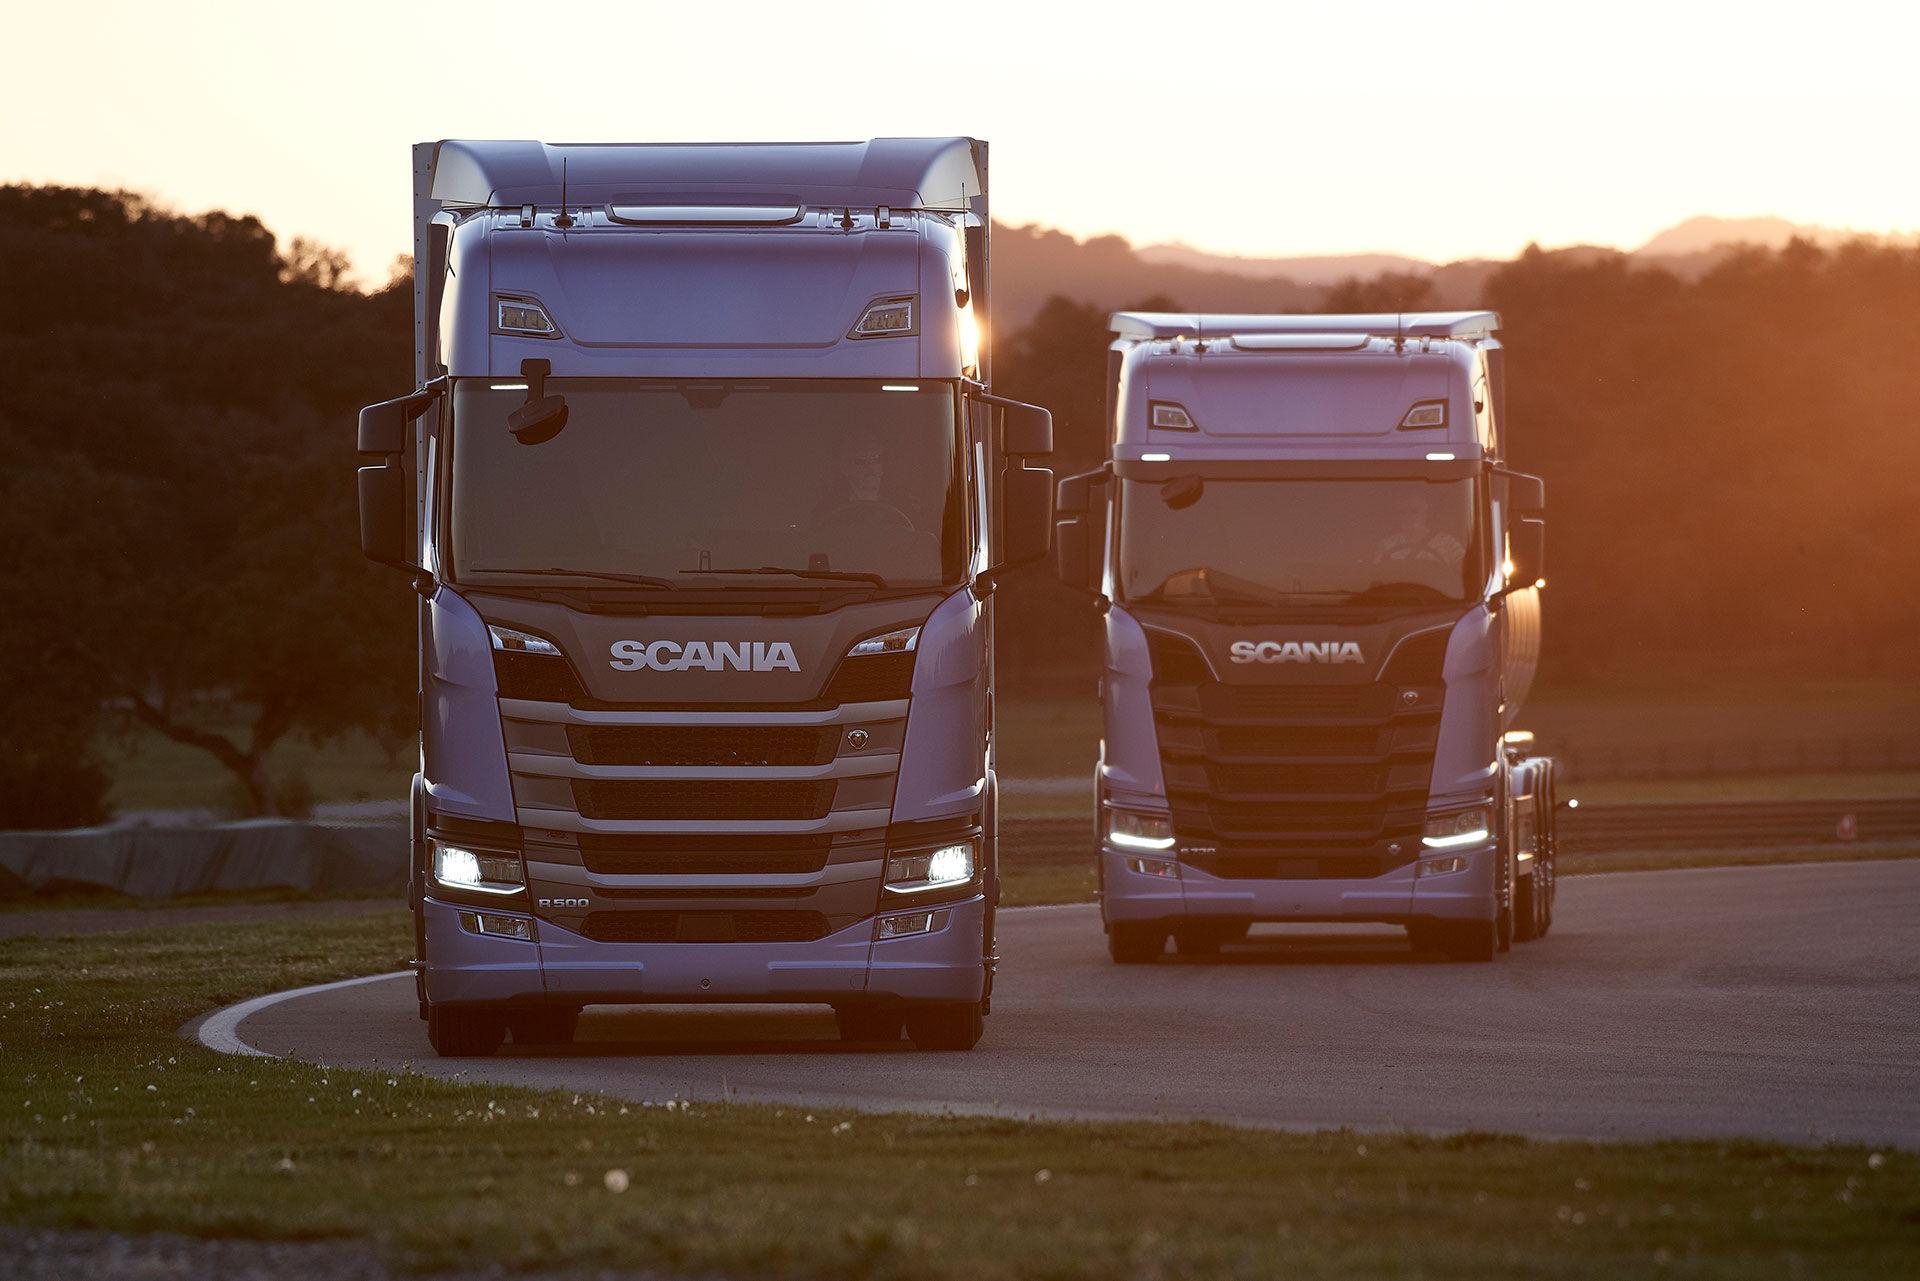 Scania visar en ny generation lastbilar